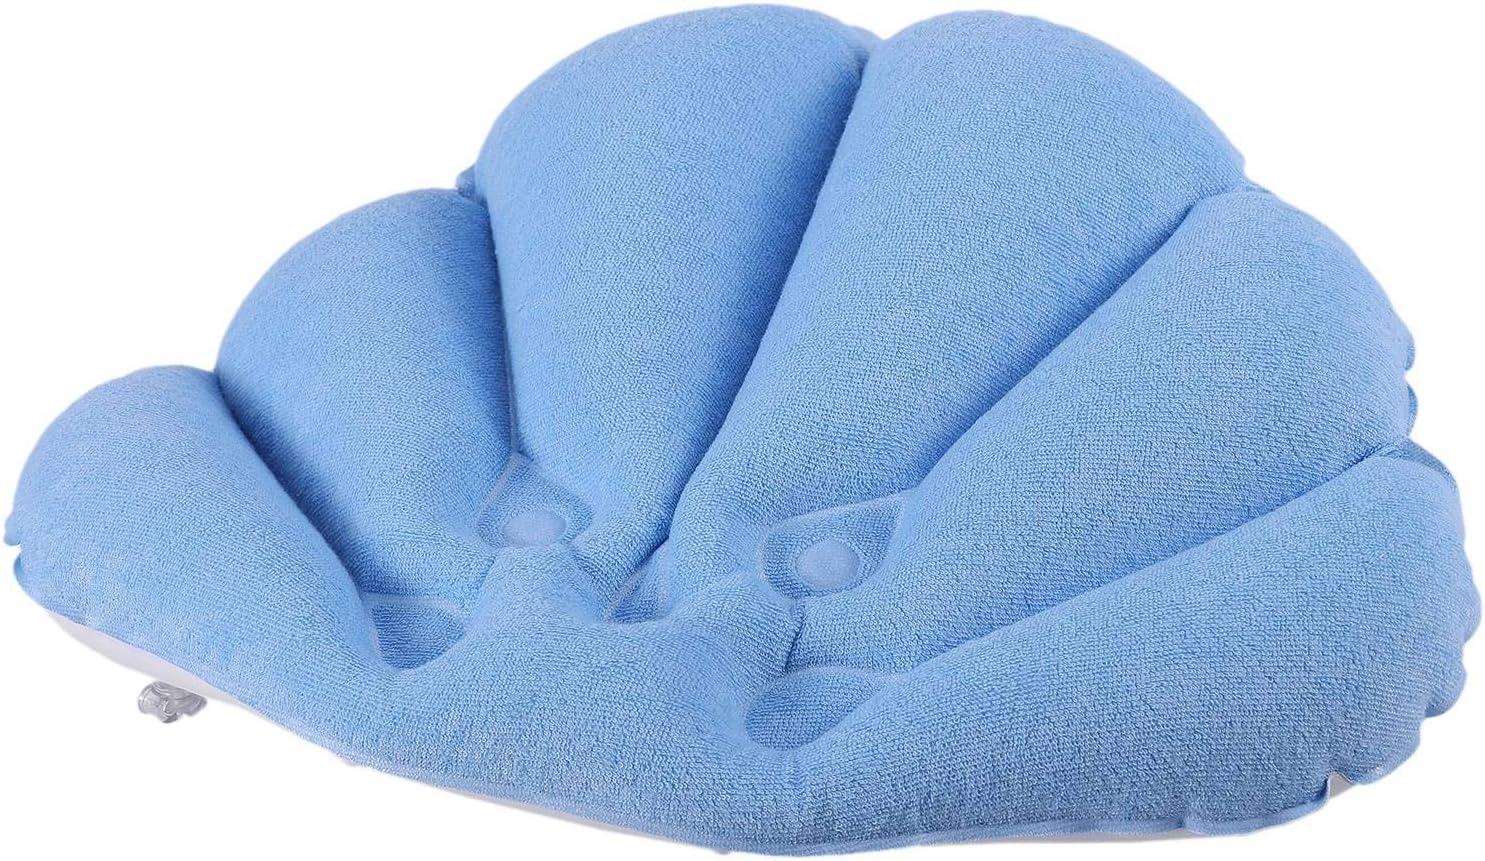 colore casuale cuscino morbido con ventose Cuscino da bagno gonfiabile Kamenda per bagno e vasca da bagno